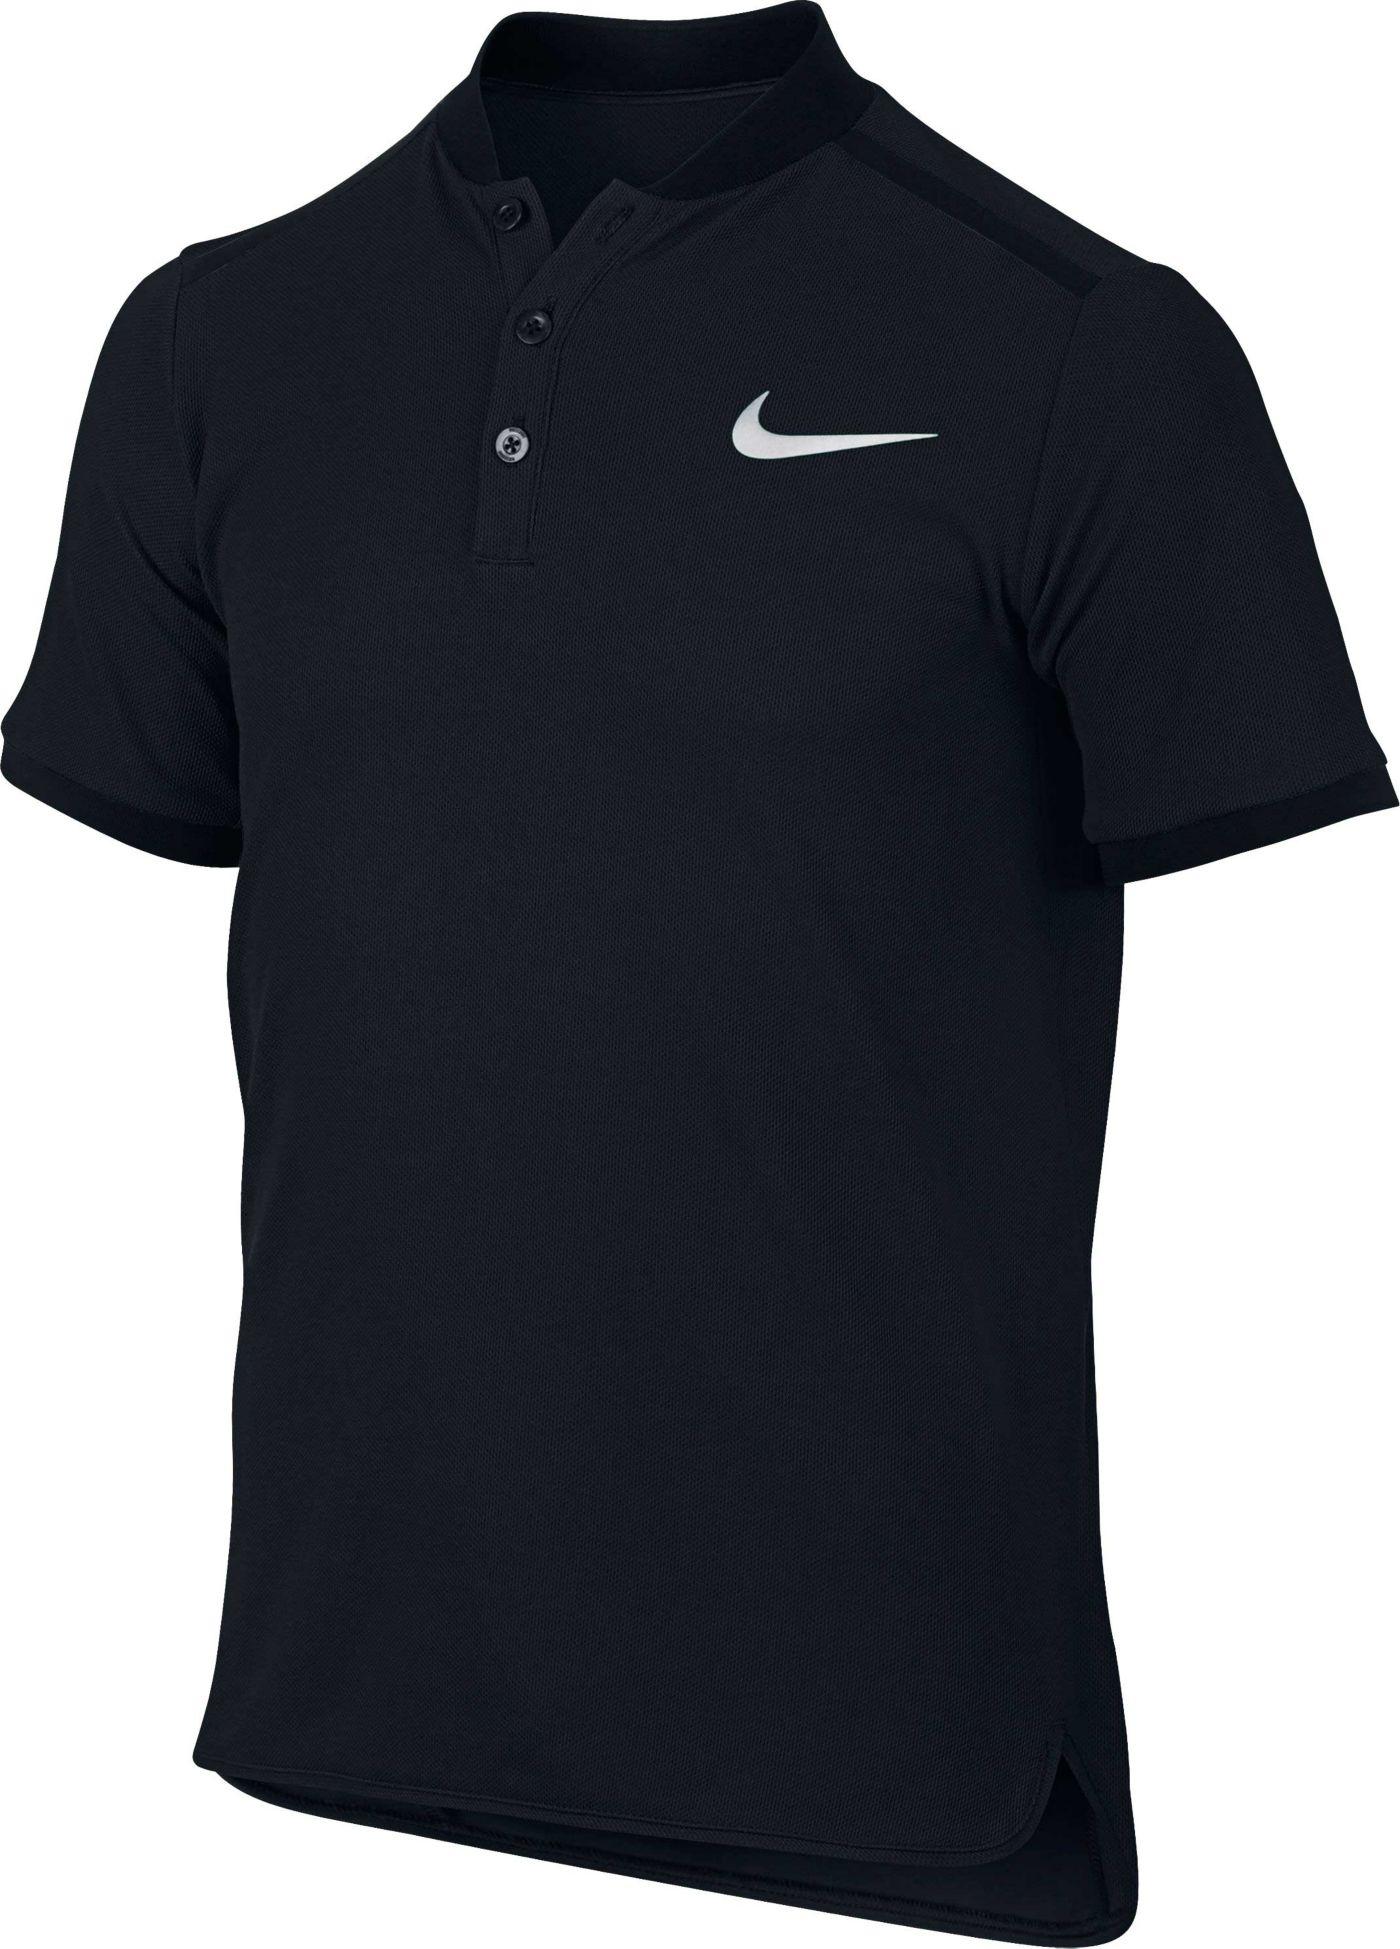 Nike Boys' Court Advantage Tennis Polo